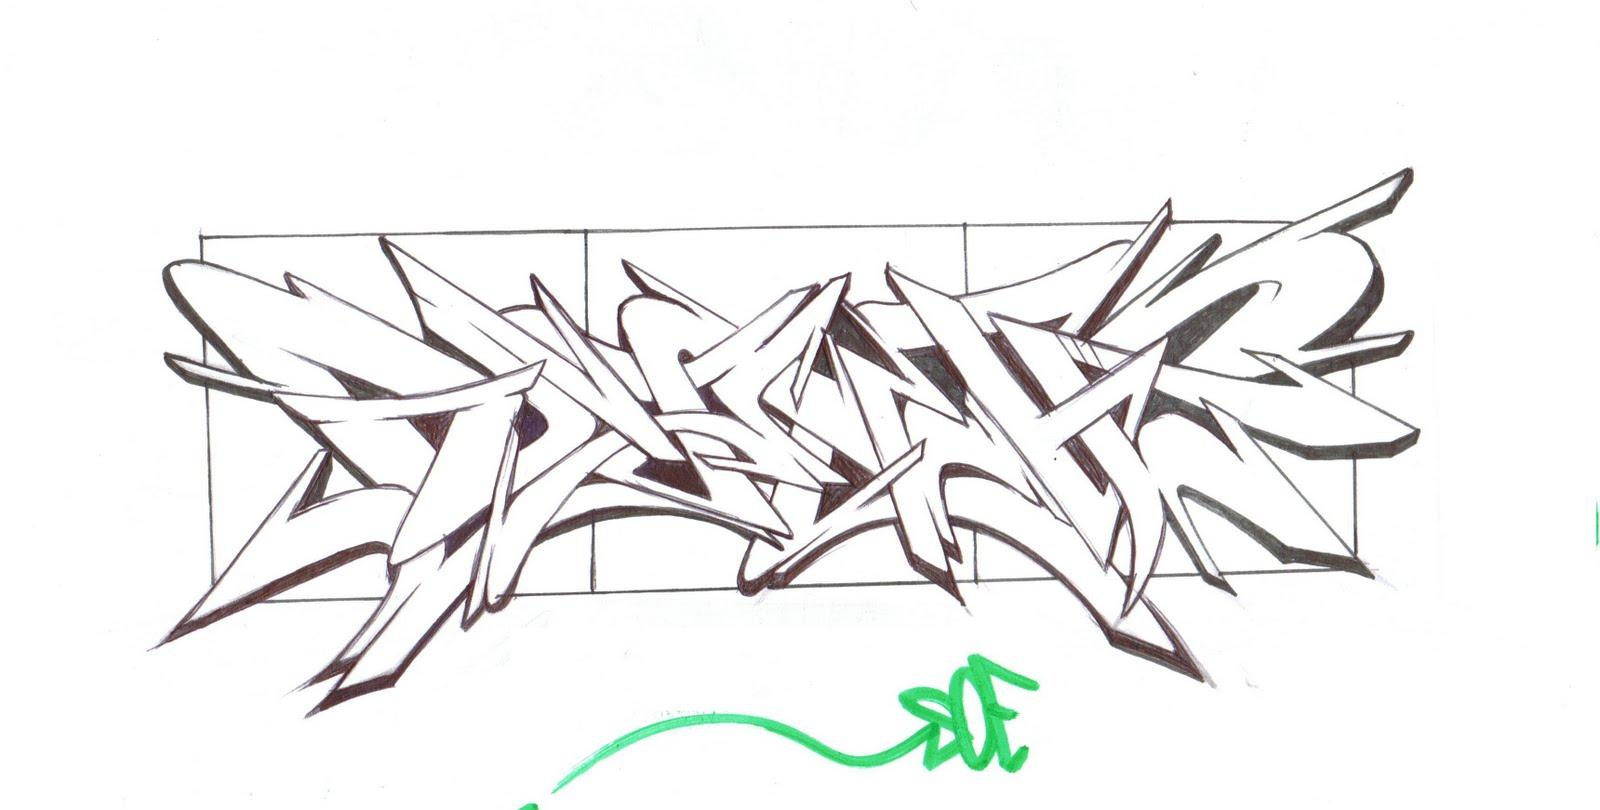 Graffiti Style: Wildstyle Graffiti Gallery - Photo ...